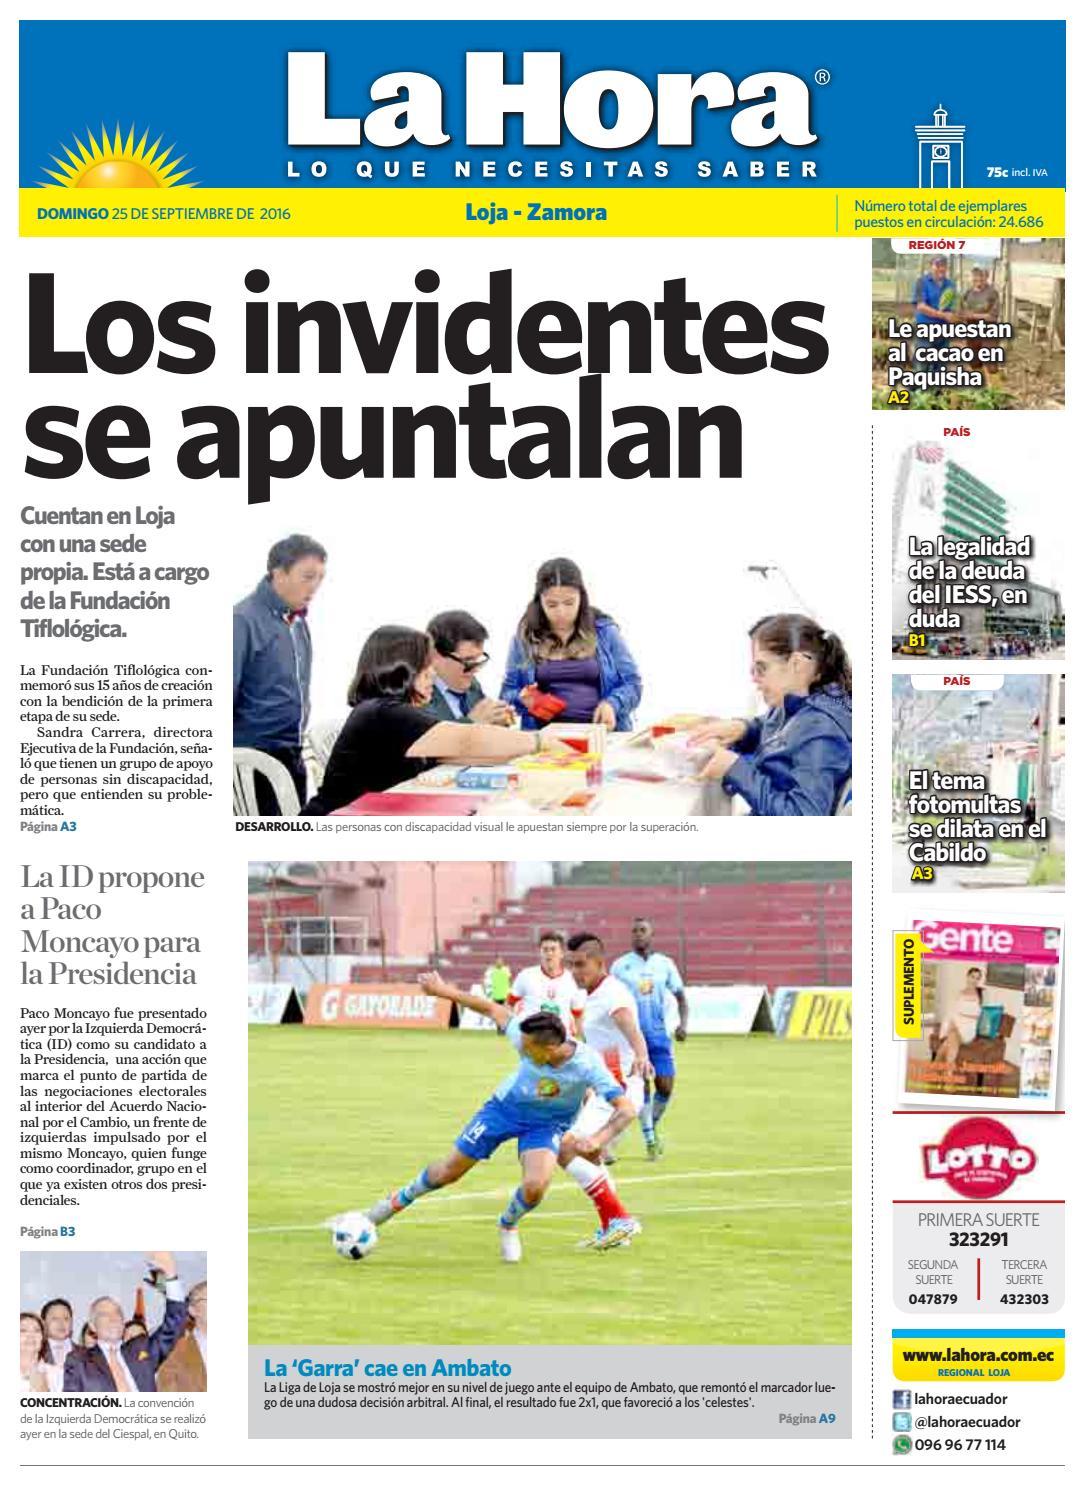 Diario La Hora Loja 25 de Septiembre 2016 by Diario La Hora Ecuador - issuu 52d9fc8446d